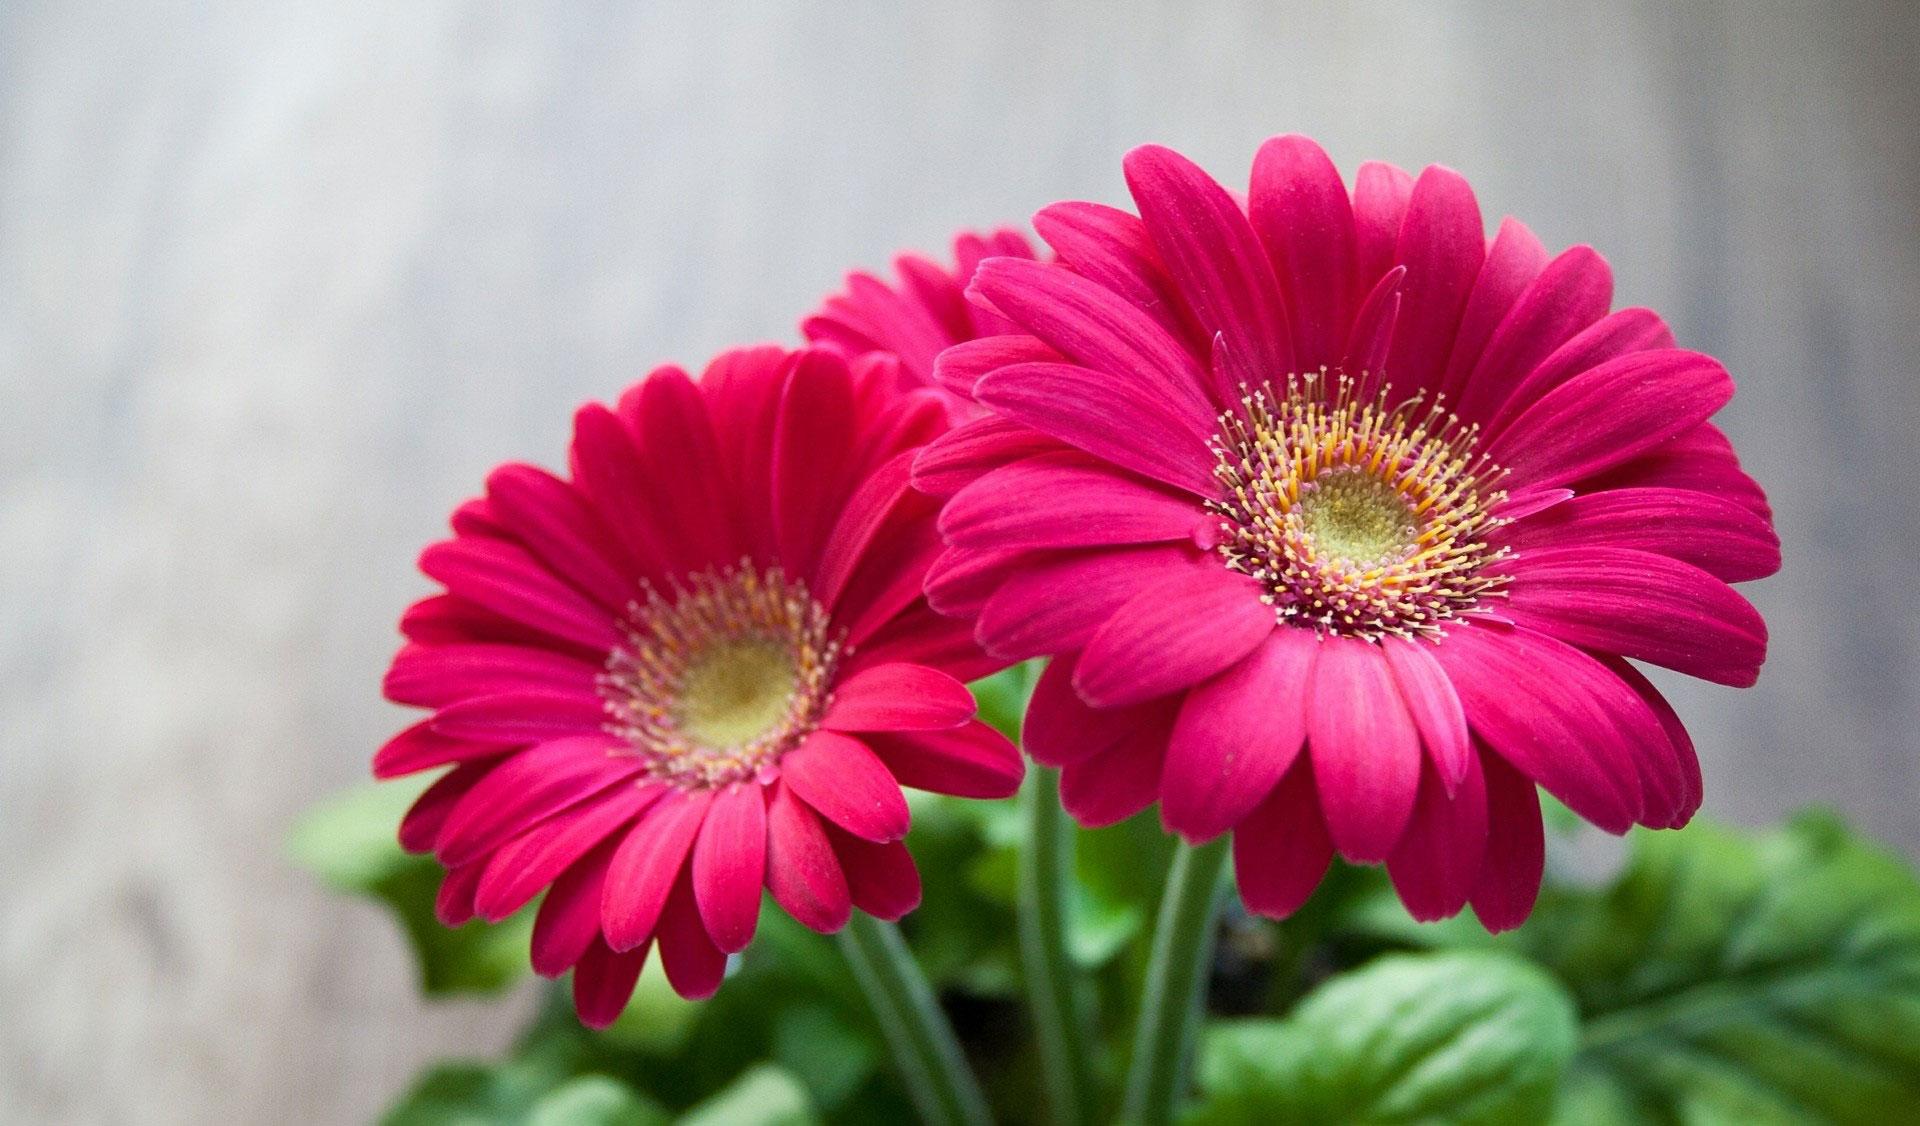 بالصور صور ورد خلفيات , اجمل اشكال وانواع الورود 3582 5